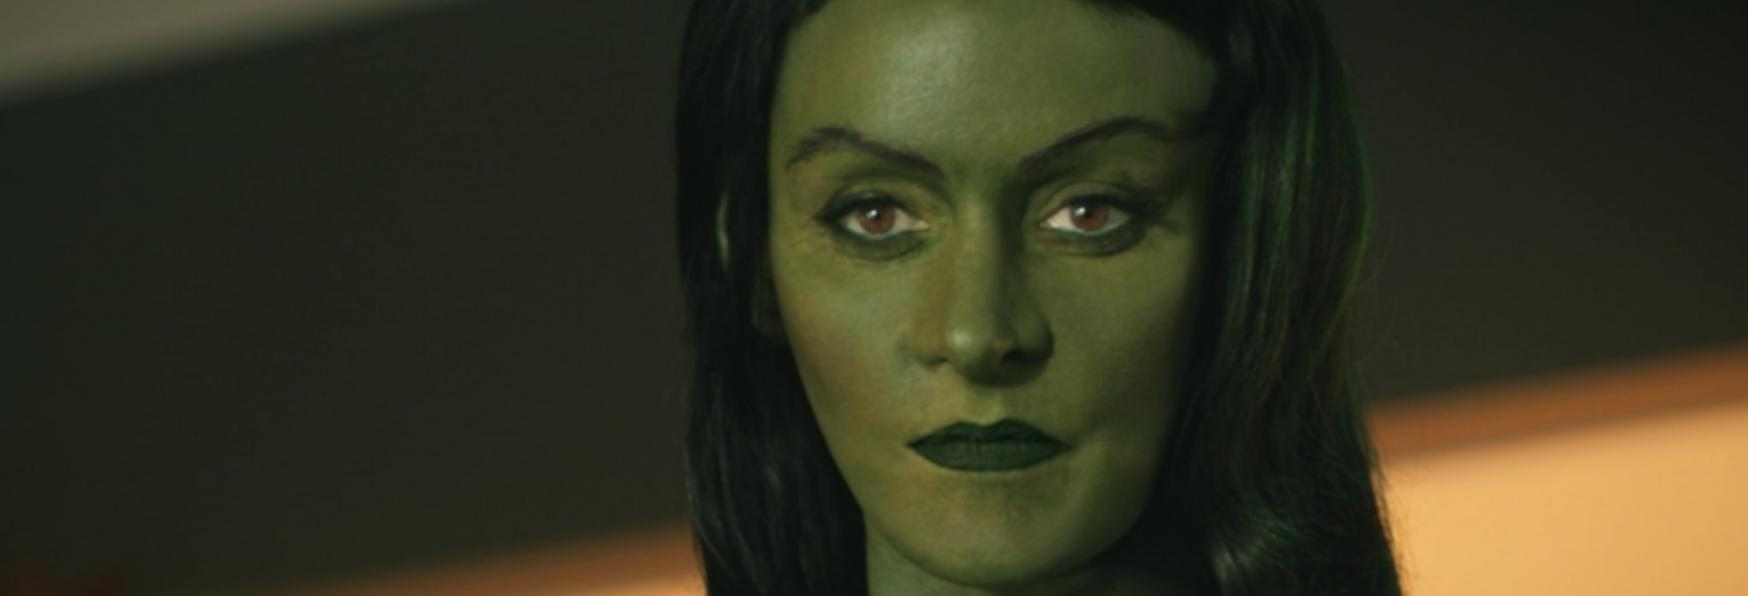 Star Trek: Discovery 3 - La Recensione dell'Ottavo Episodio della nuova Stagione